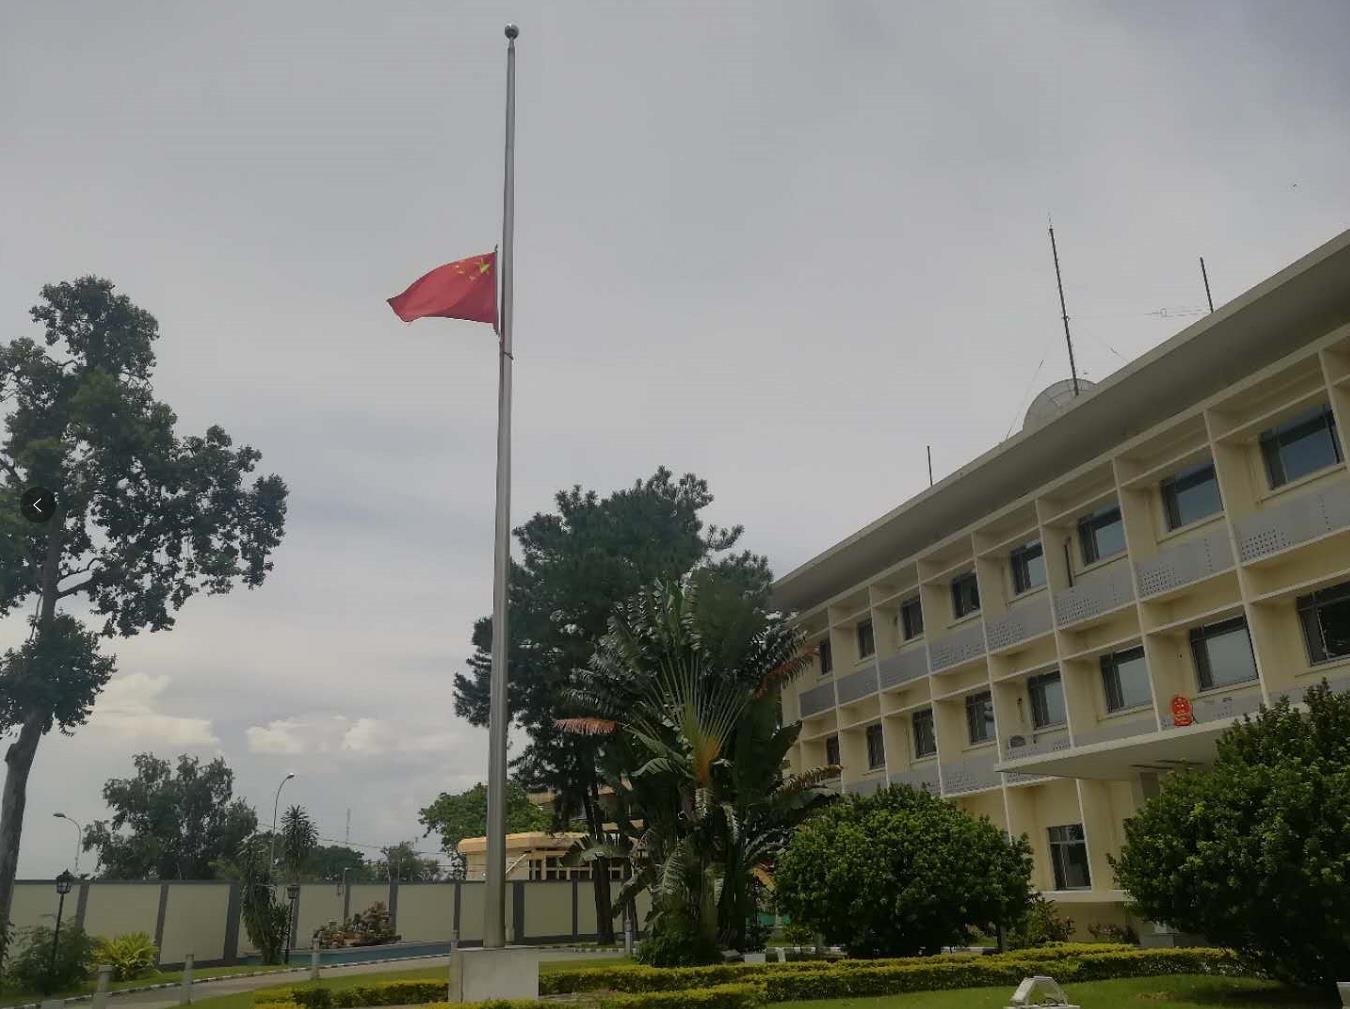 「恒行」国驻刚果布恒行大使馆下半旗志图片